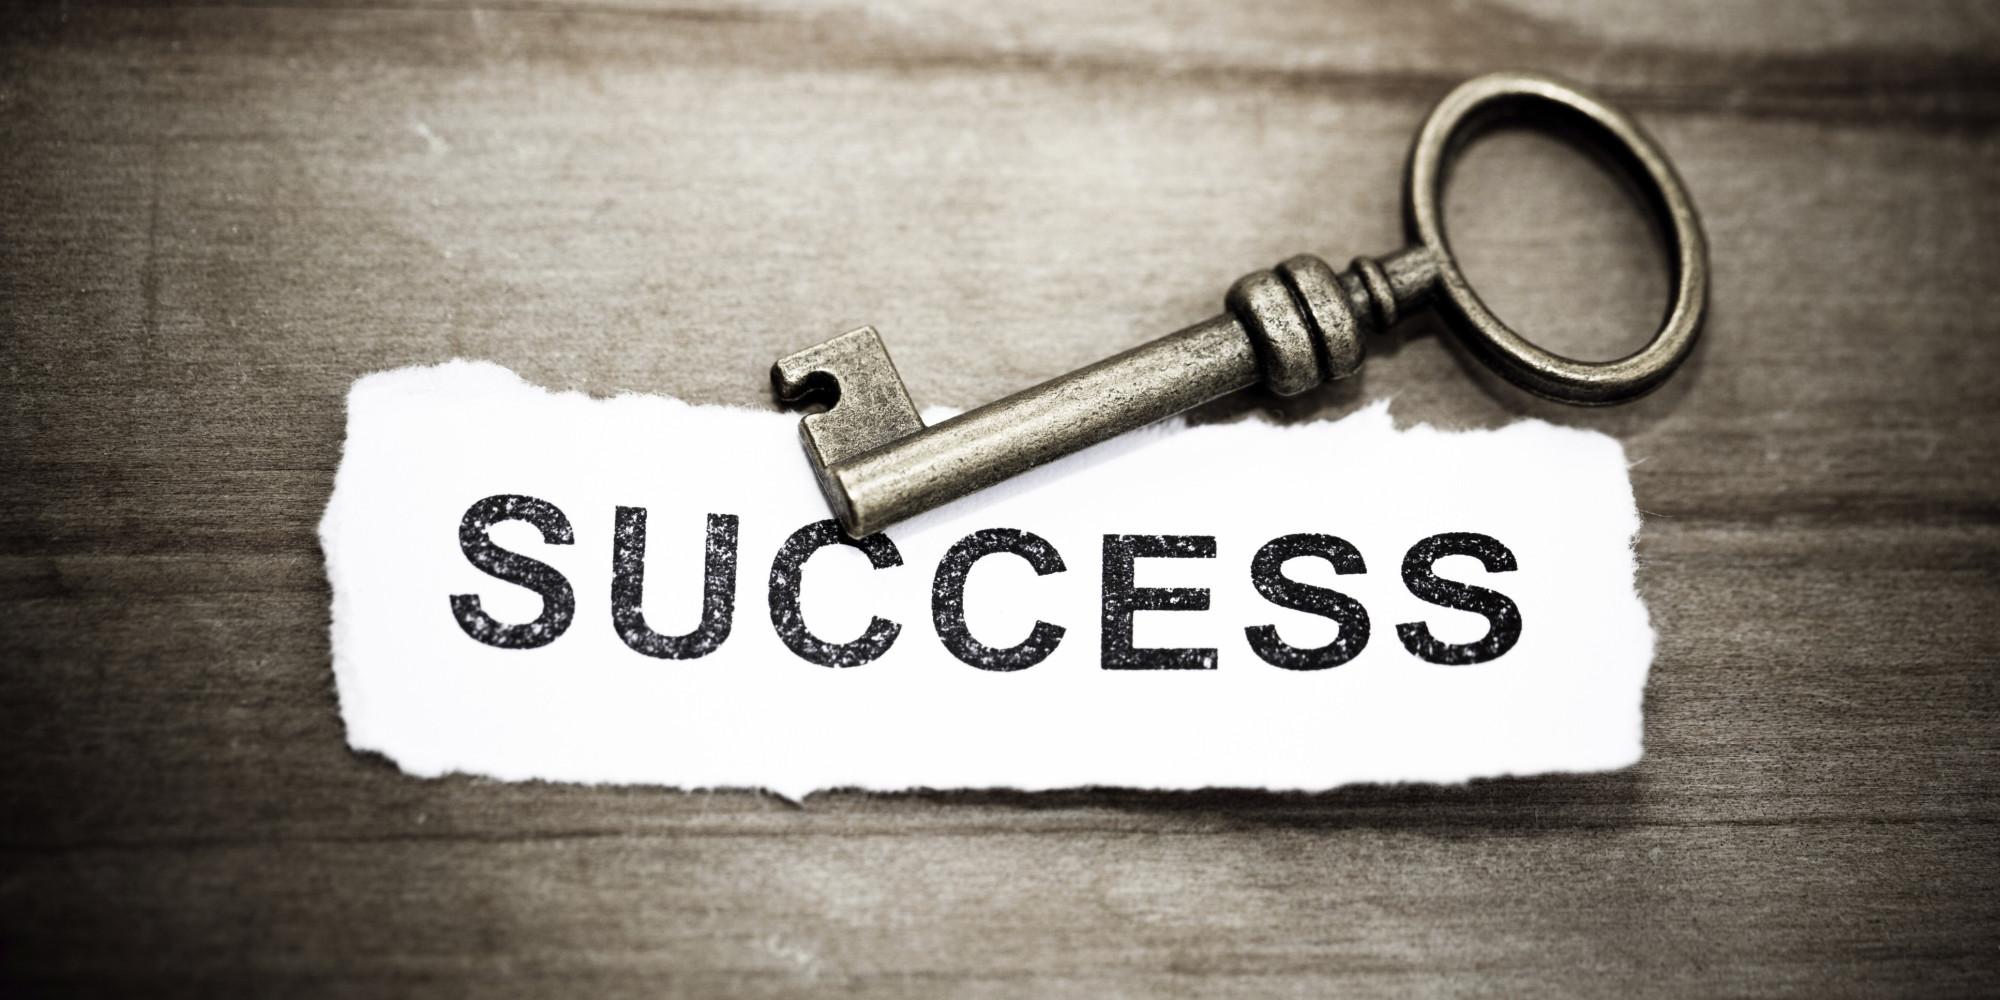 traits-for-massive-success-in-business Амжилт хэнд ирдэг вэ?